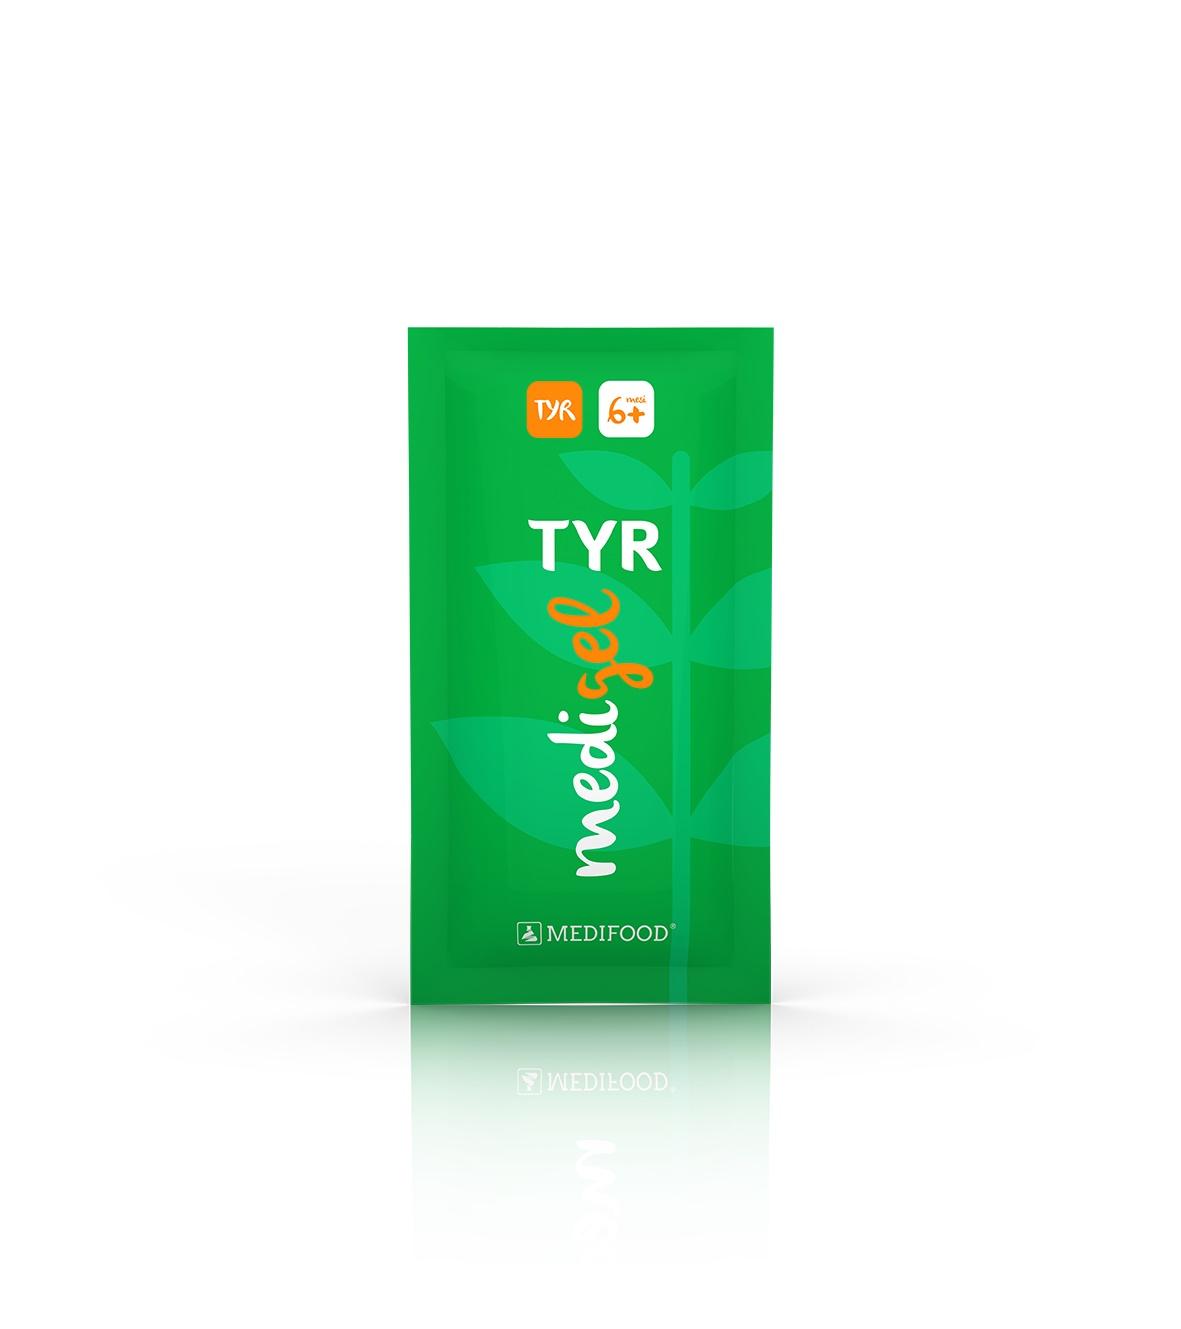 TYR MEDIGEL, 24G VNR 600117